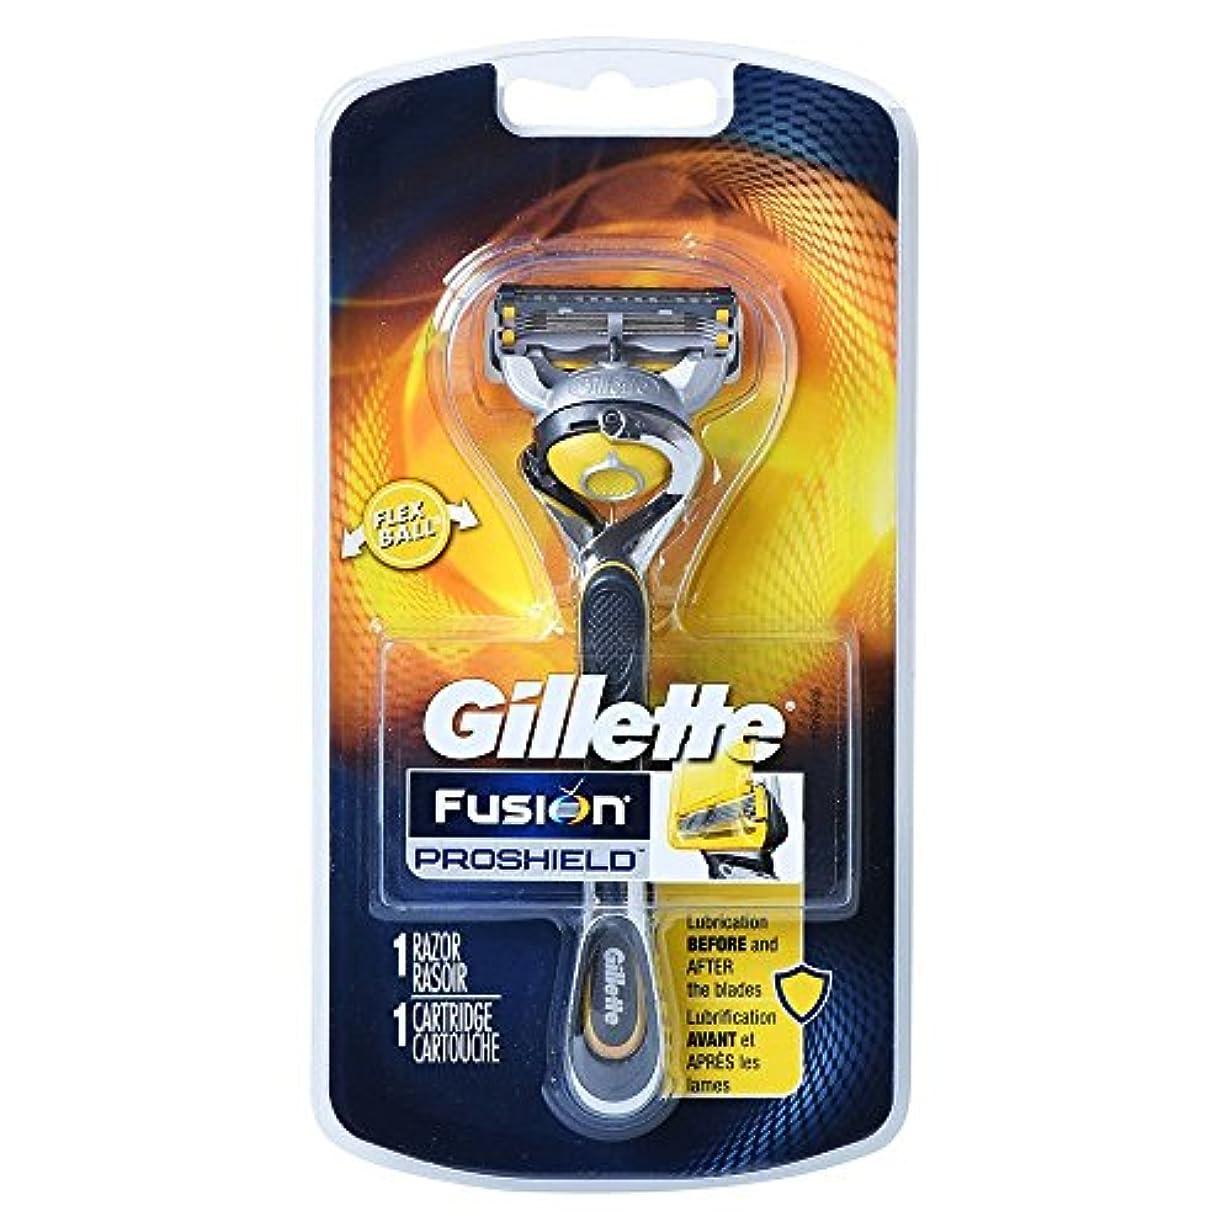 セミナー評価可能熟練したGillette Fusion Proshield Yellow フレックスボール剃刀でメンズカミソリ Refrills 1 [並行輸入品]